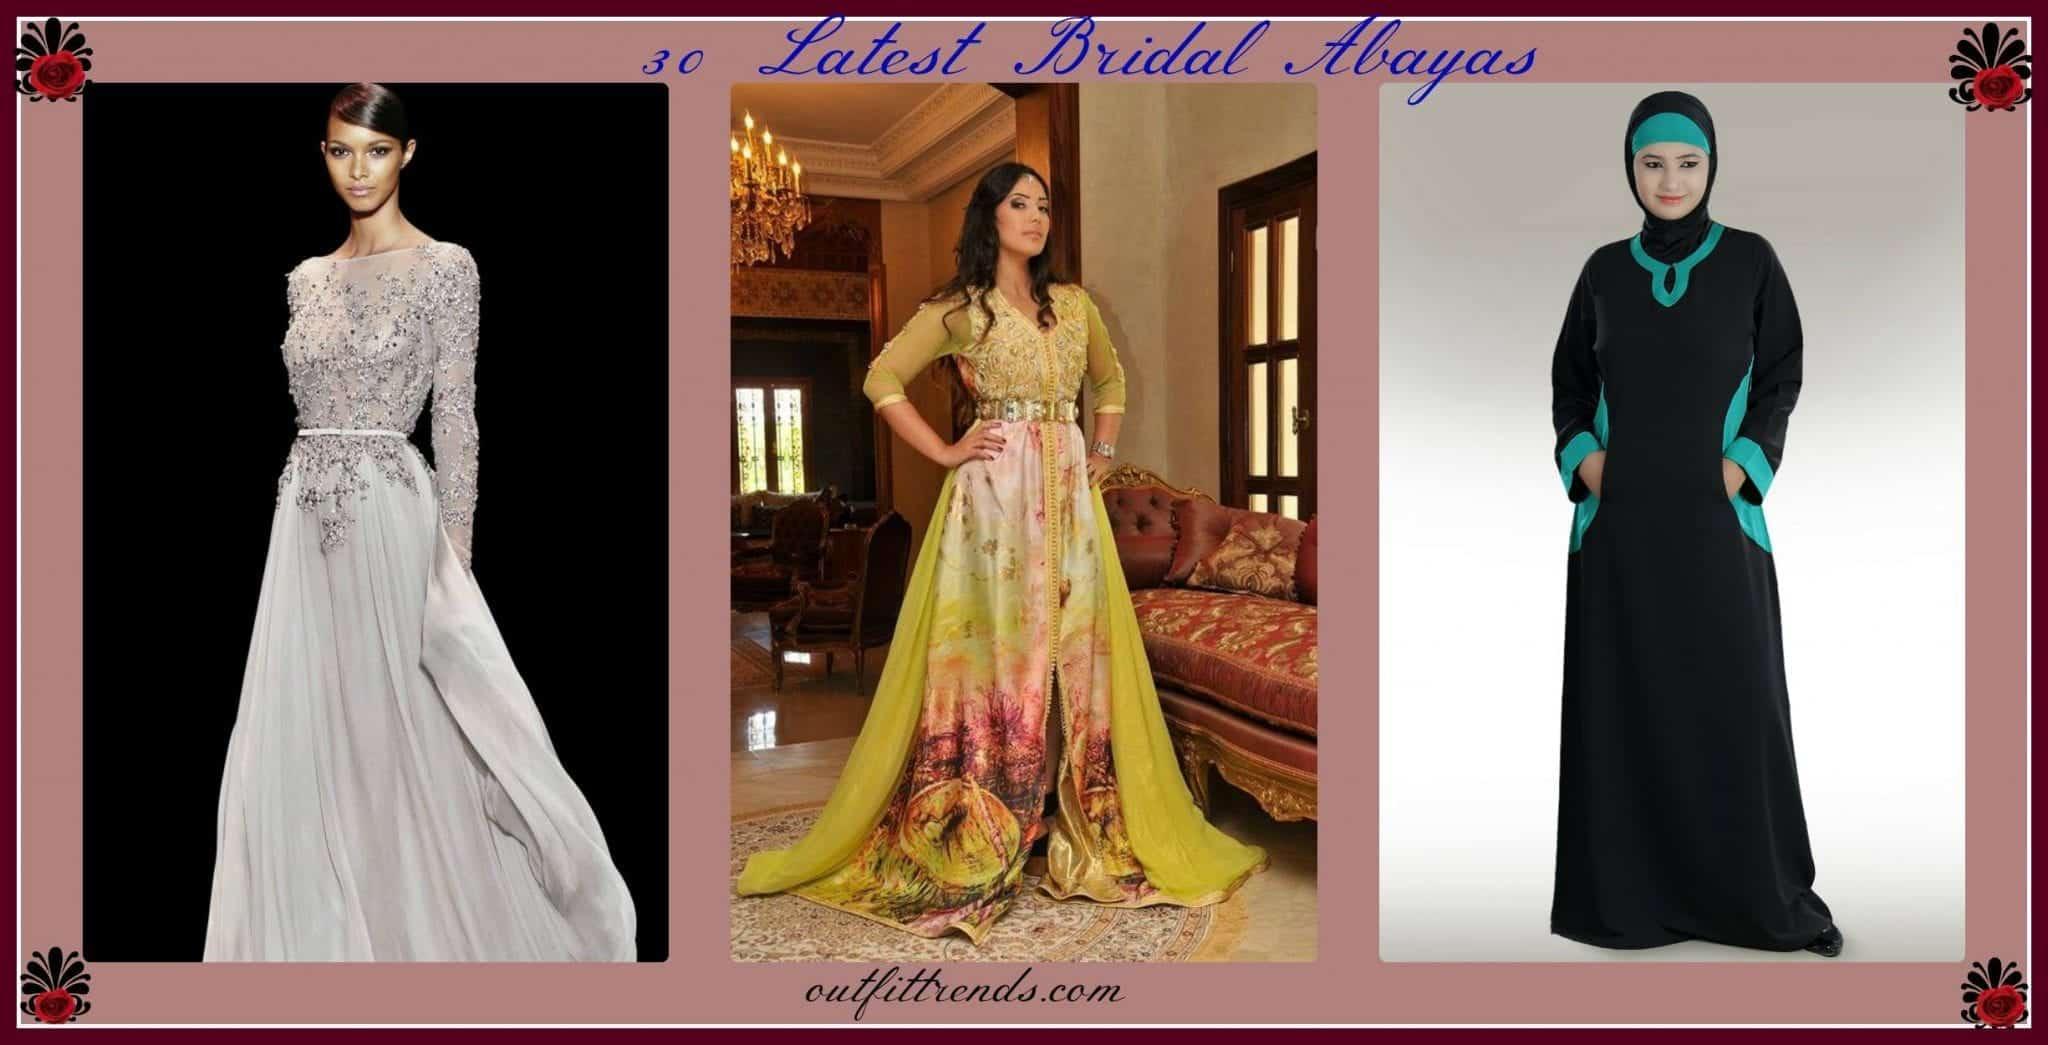 Wedding Abayas- 30 Latest Bridal Abaya Designs Trending Now